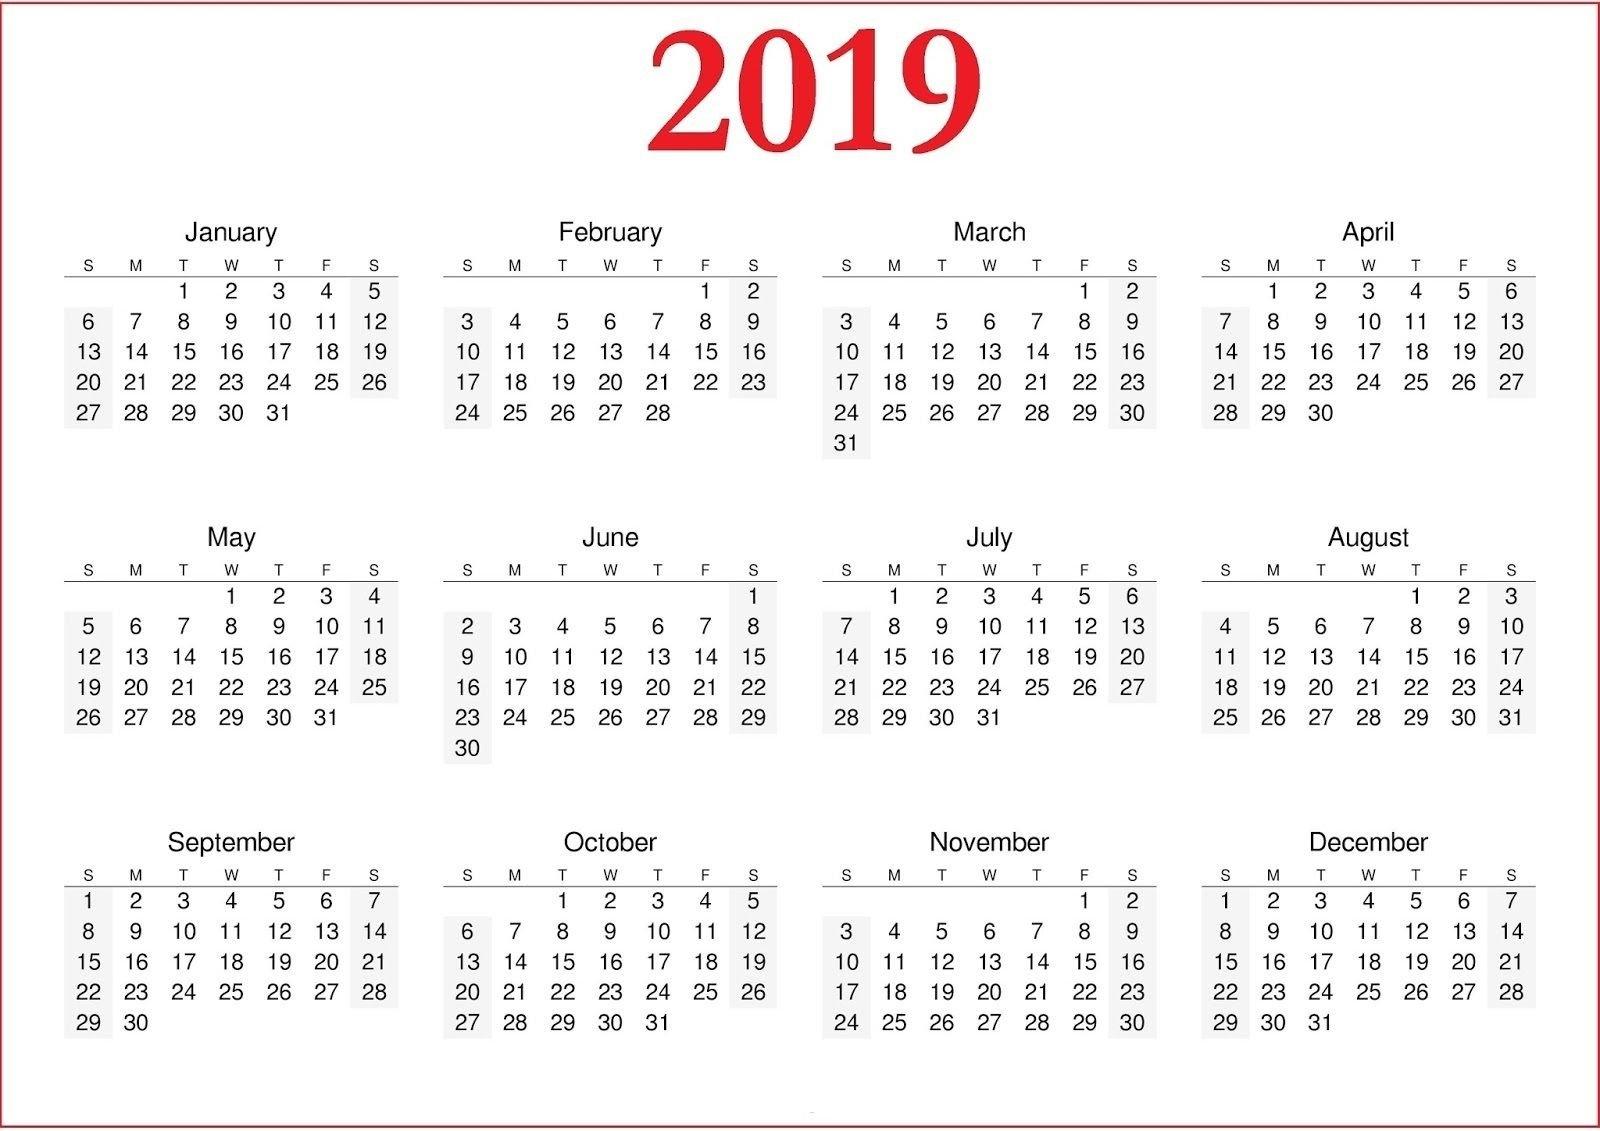 2019 Calendar Printable Nz #calendar2019 #printablecalendar 2019 Calendar Nz